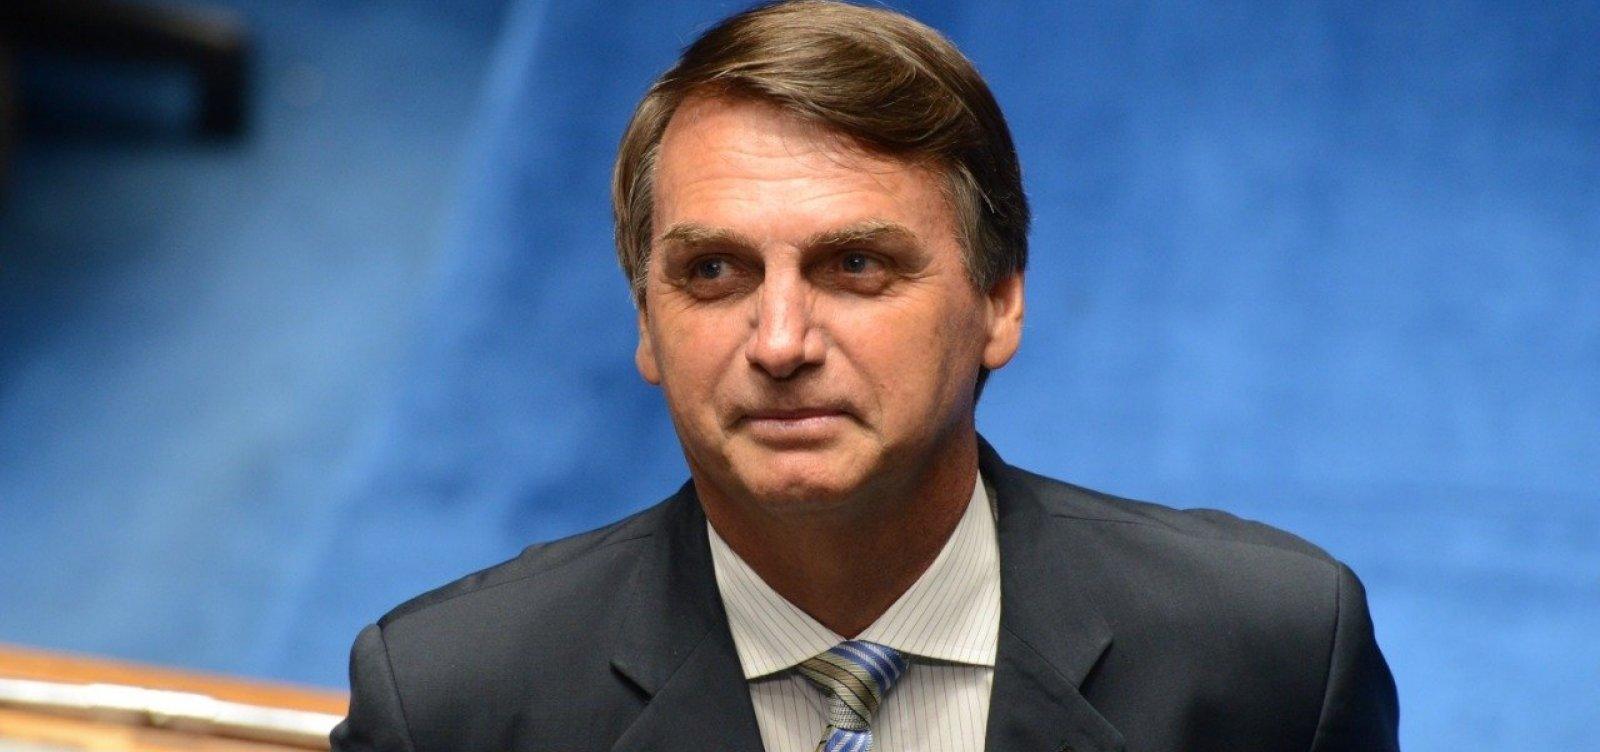 ['Quem vai mandar no Brasil são os capitães', diz Bolsonaro no Bope]